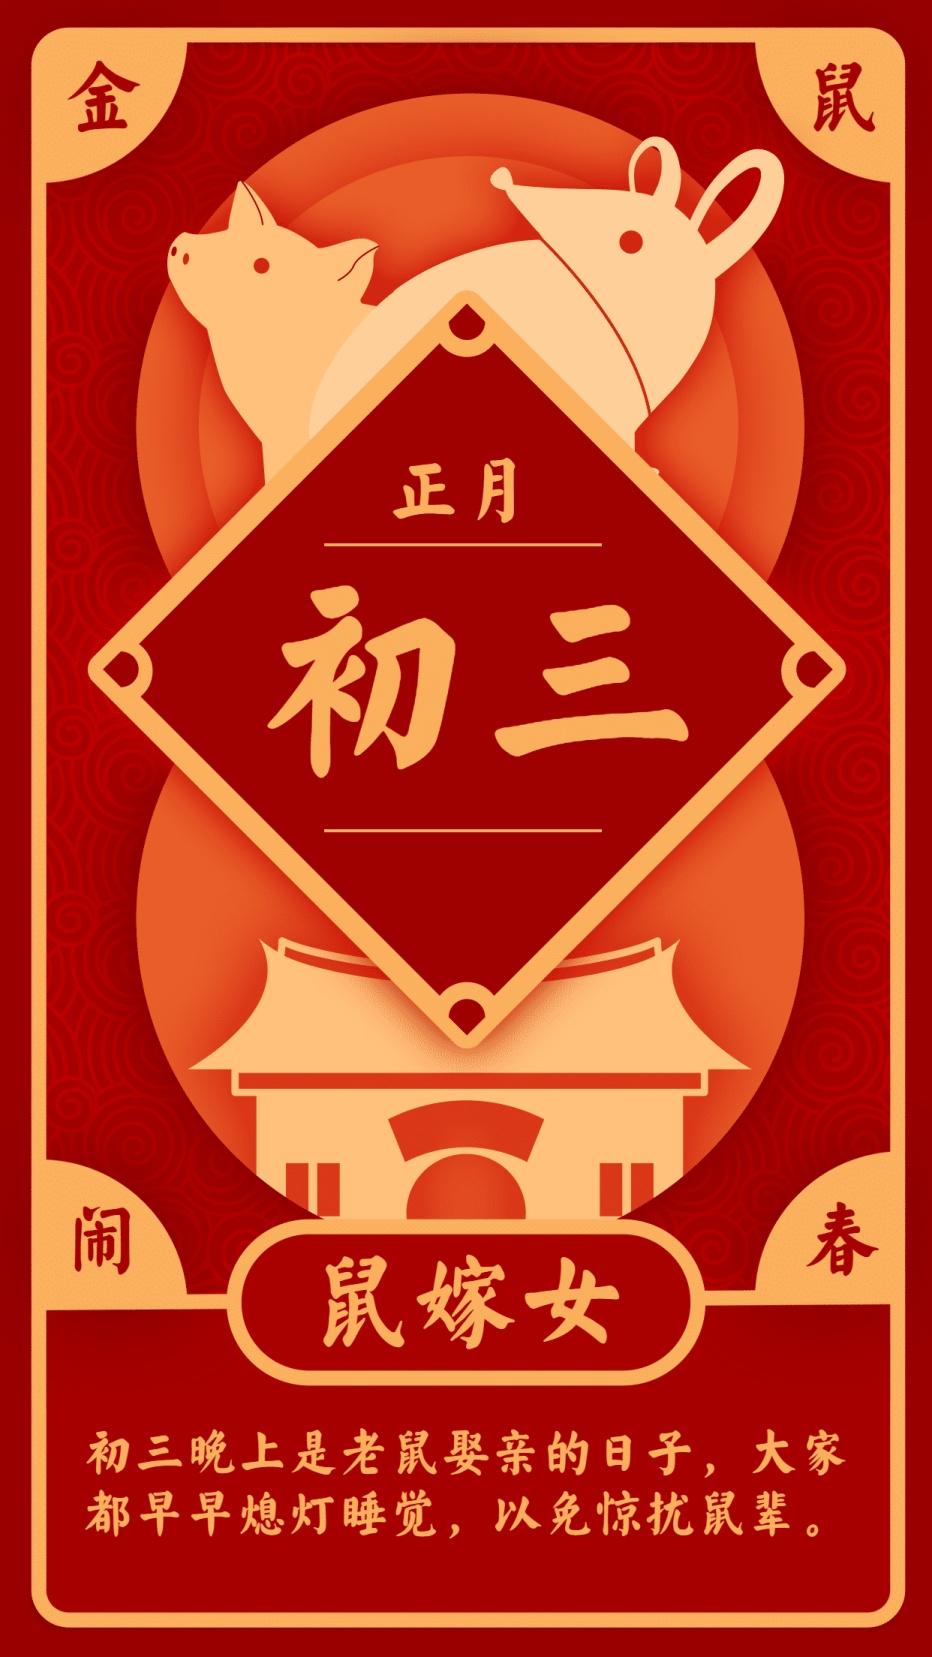 春节习俗/初三/创意中国风/手机海报